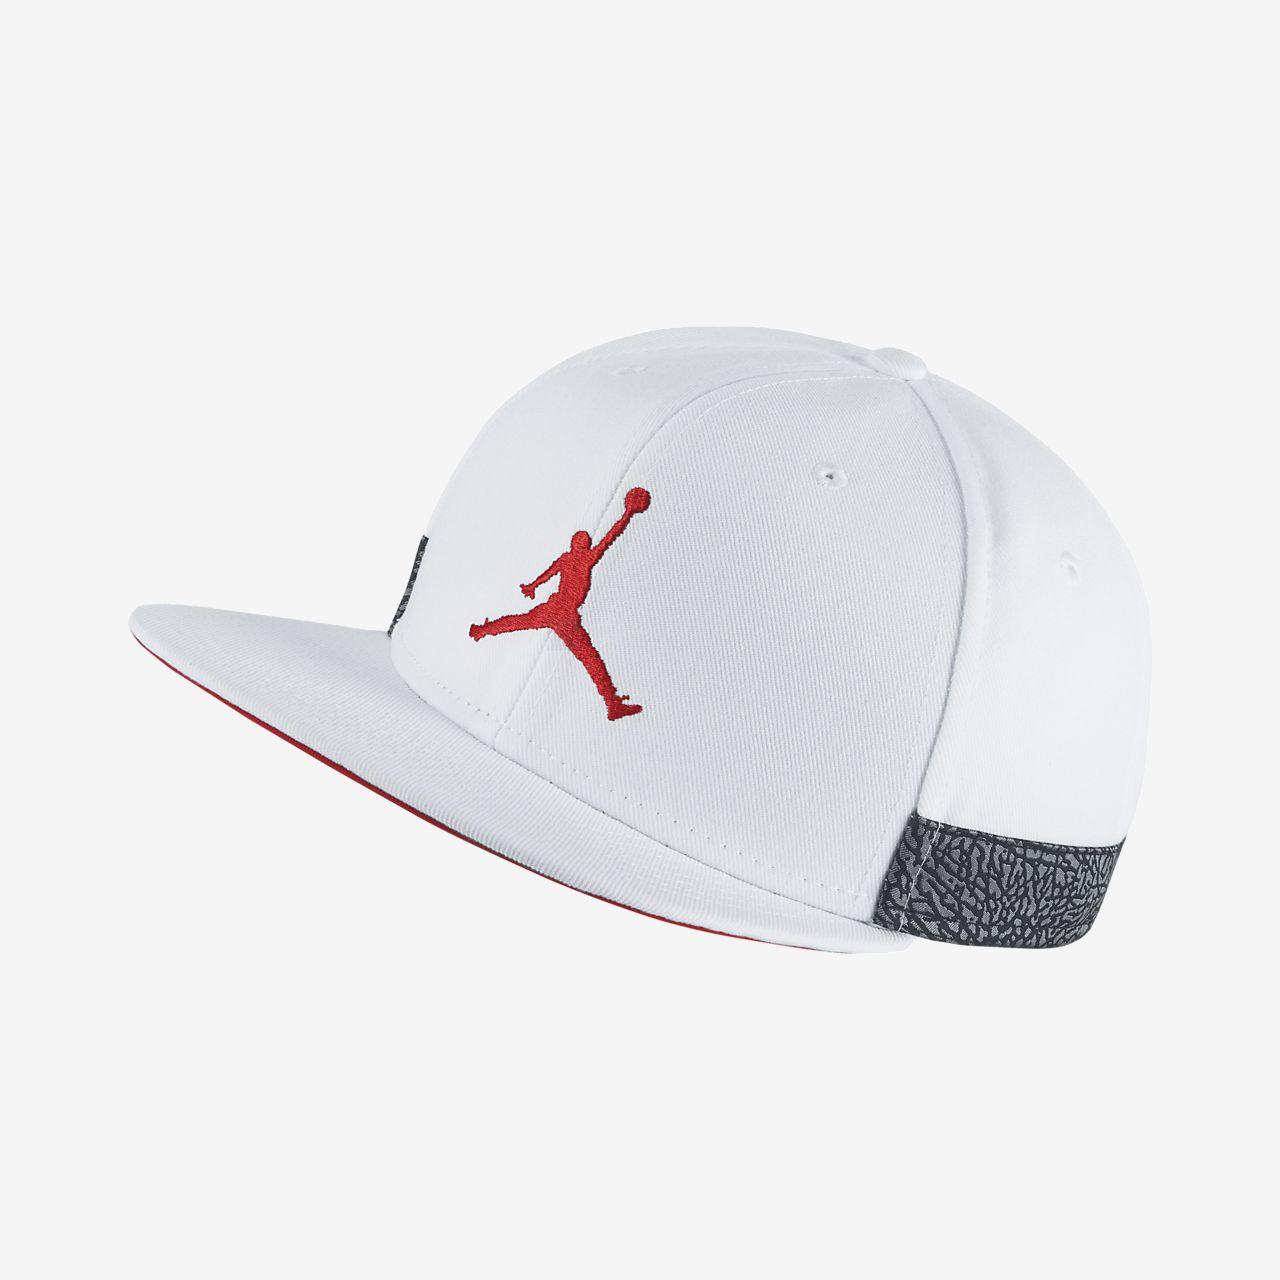 หมวกปรับได้ Jordan Jumpman Pro AJ3